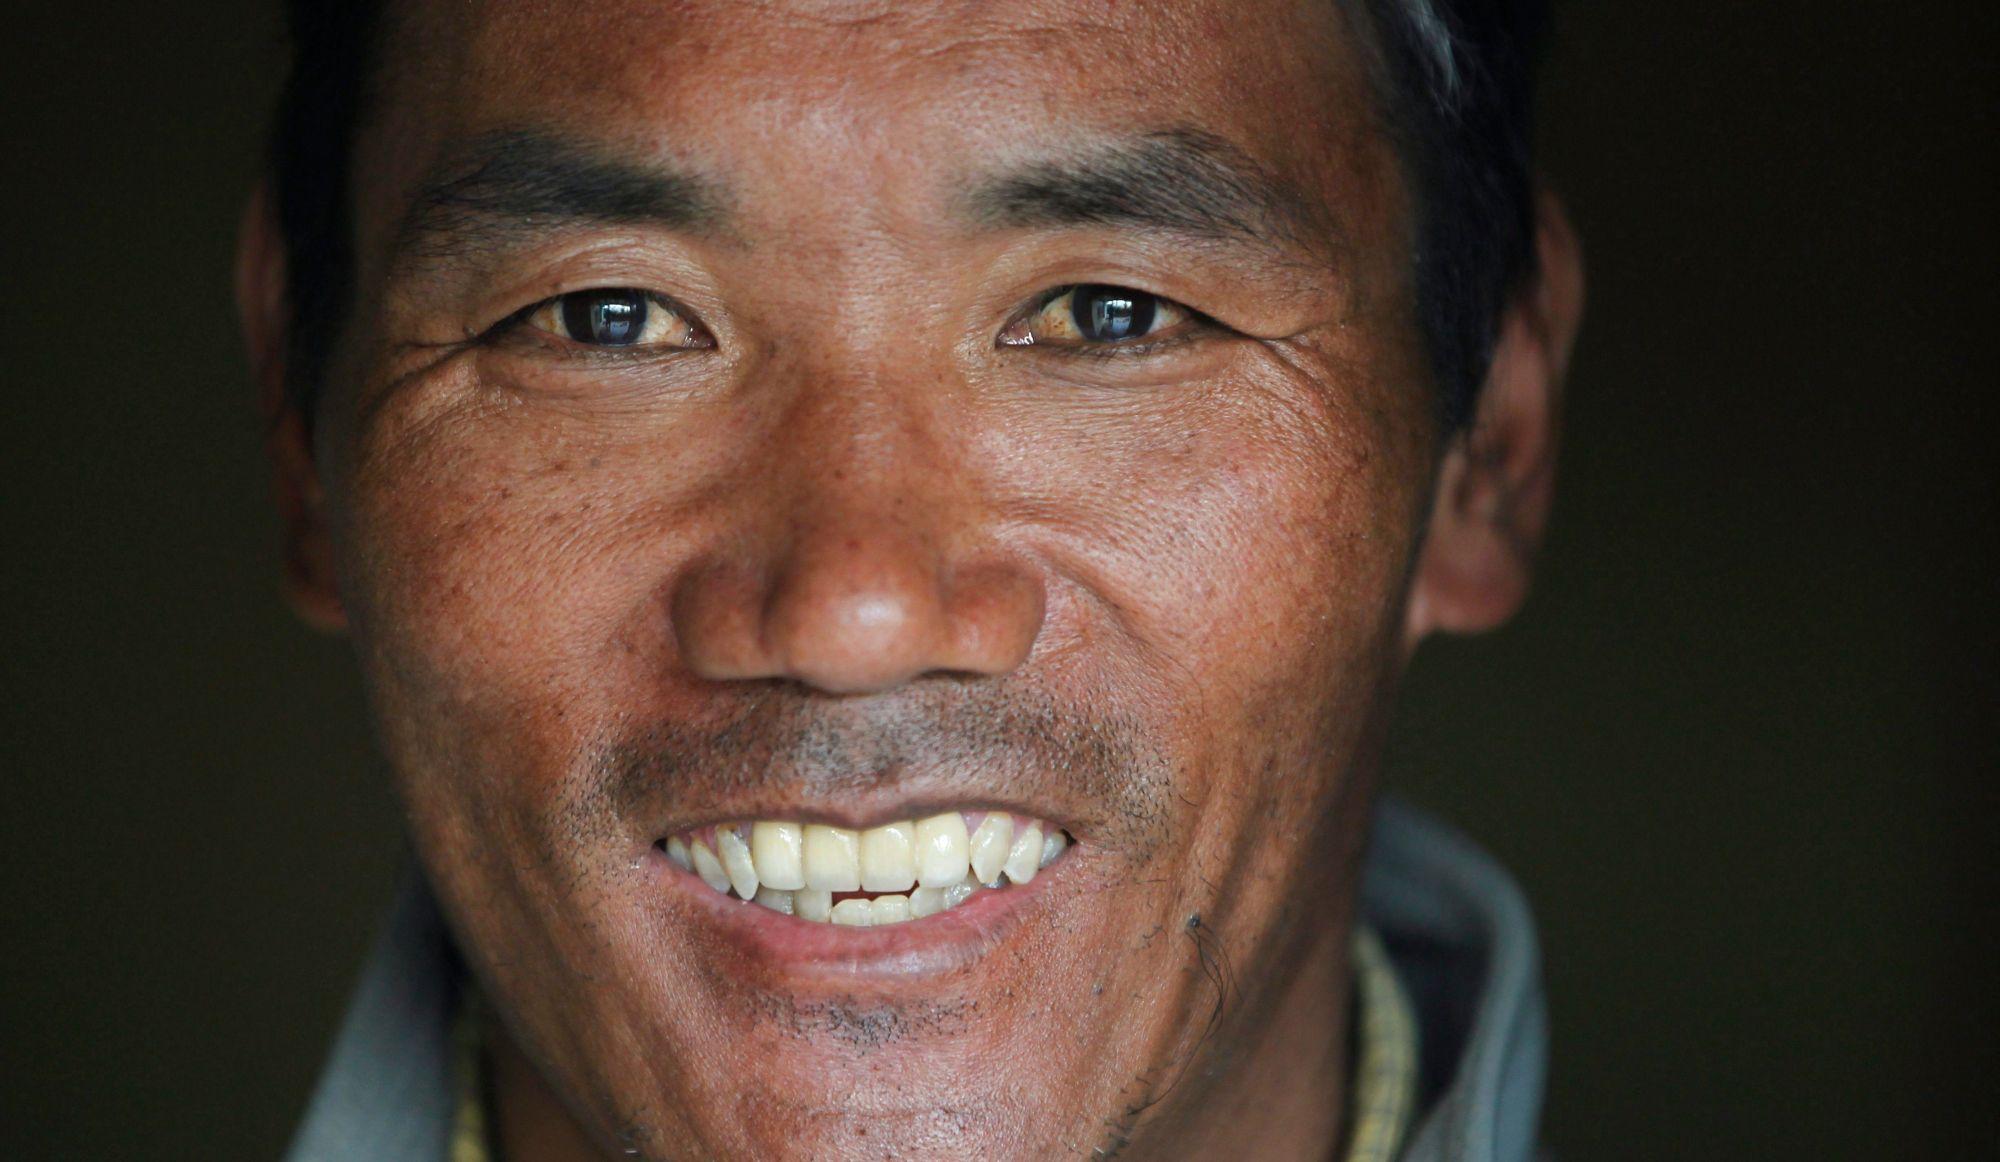 Un sherpa atteint le sommet de l'Everest pour la 22e fois